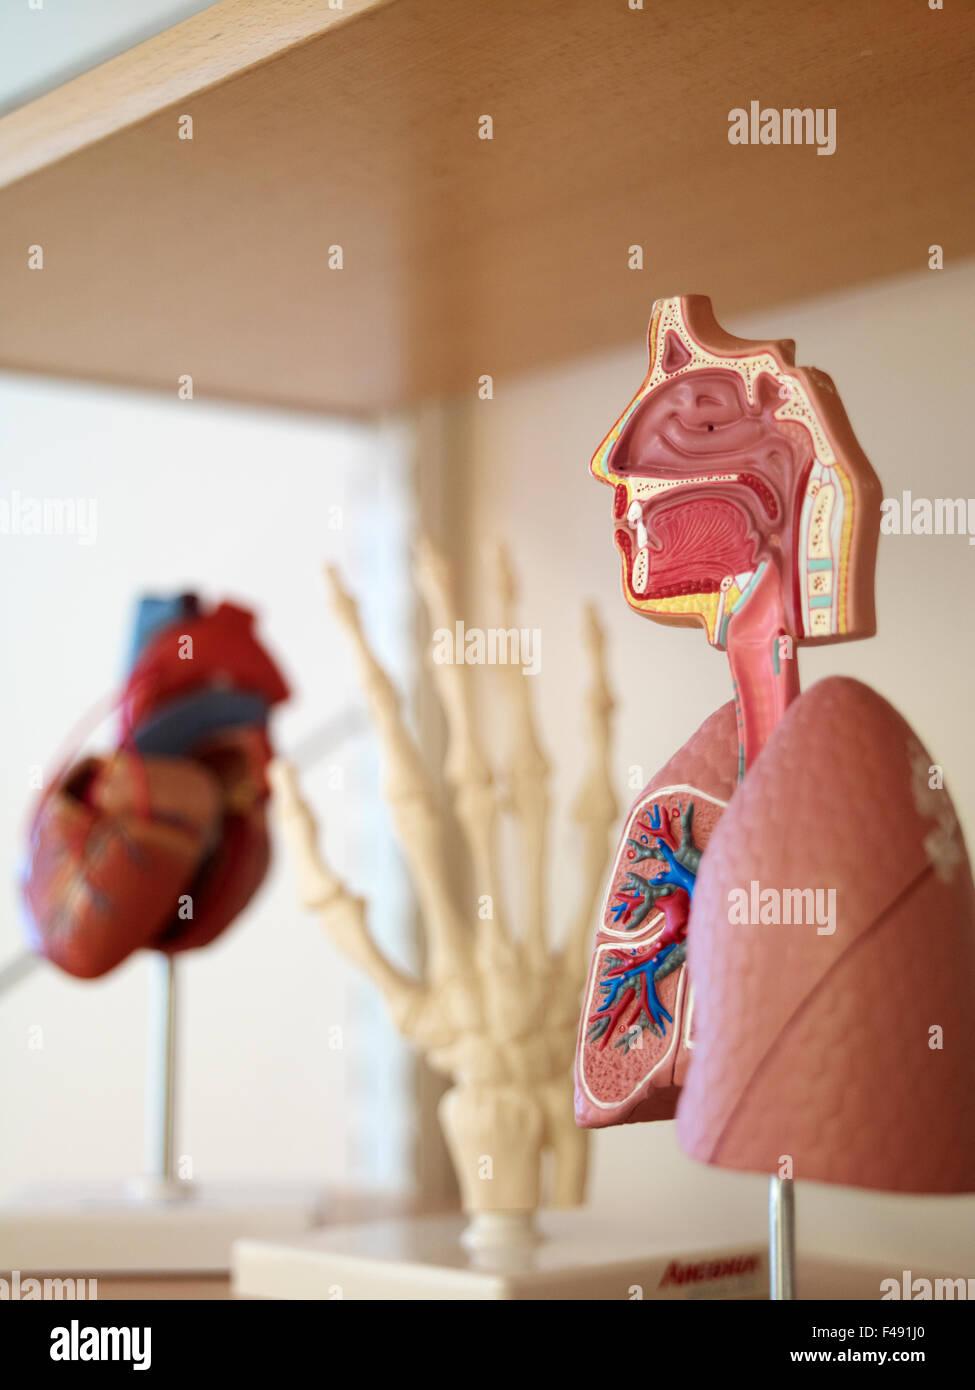 Models of different organs, Sweden. - Stock Image